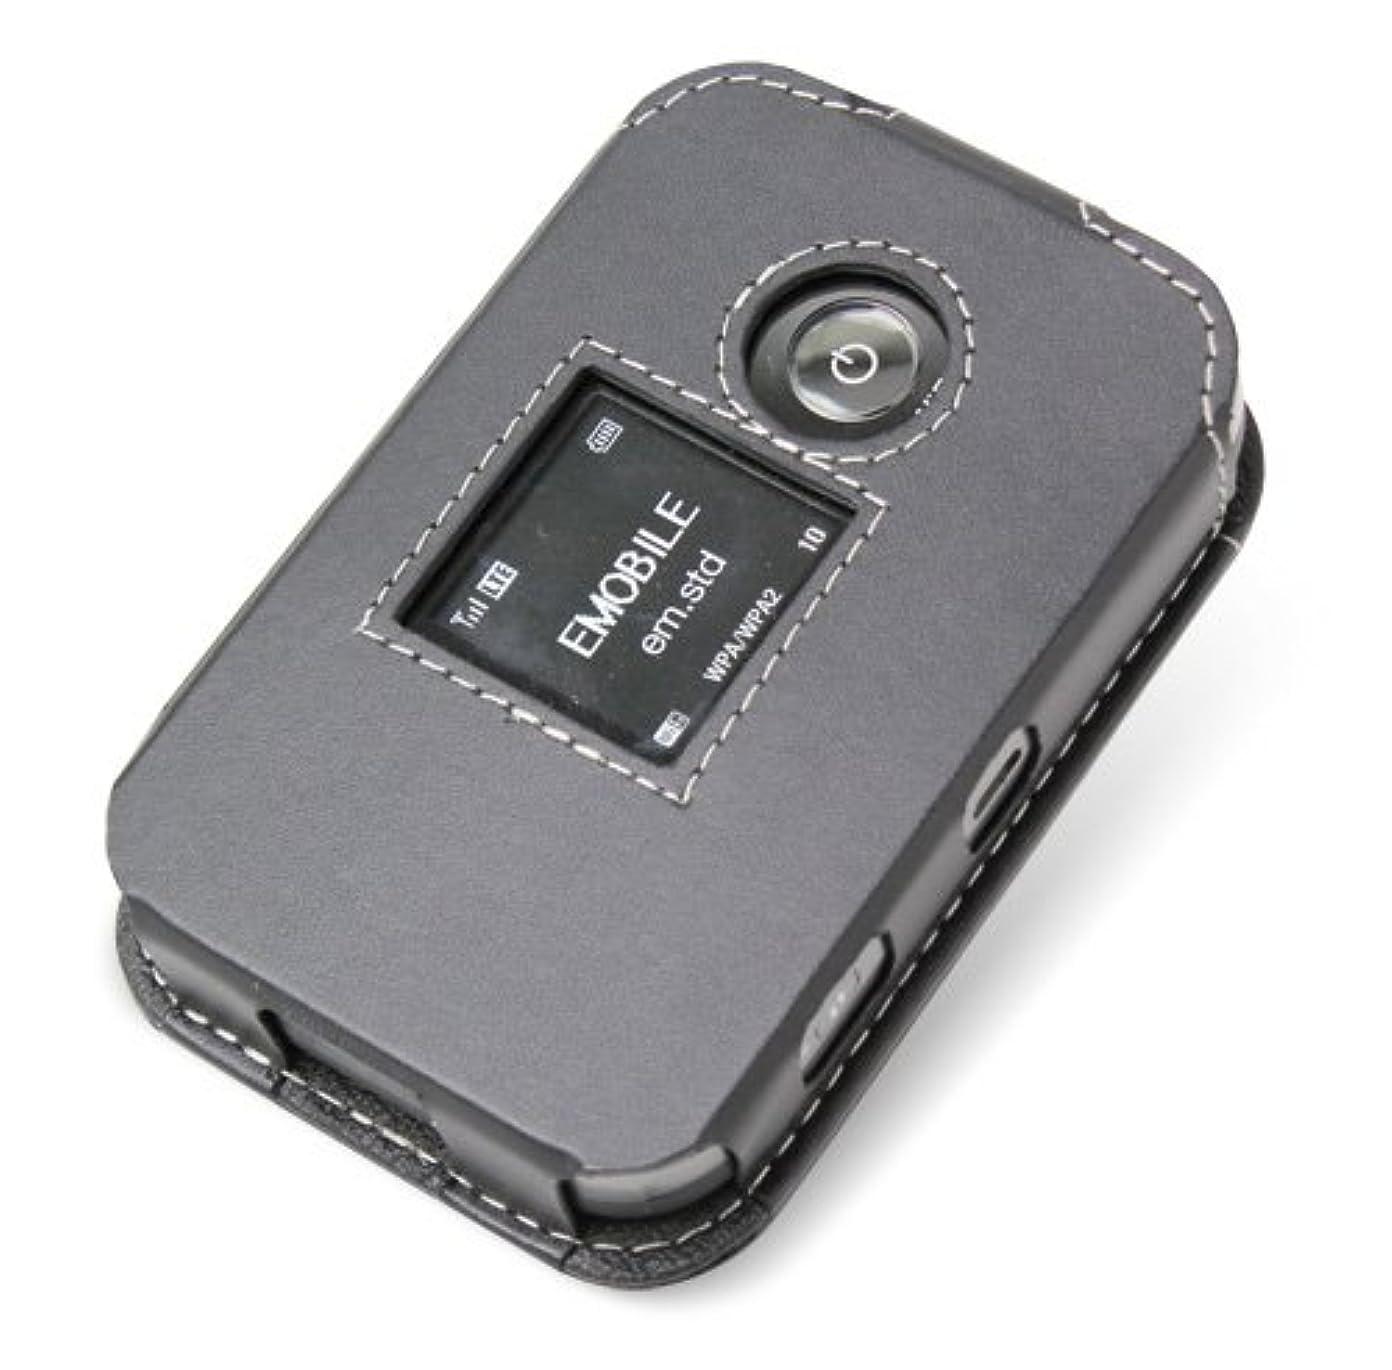 クリップ蝶認証論文PDAIR レザーケース for Pocket WiFi LTE(GL04P) スリーブタイプ(ブラック) PALCGL04PS/BL